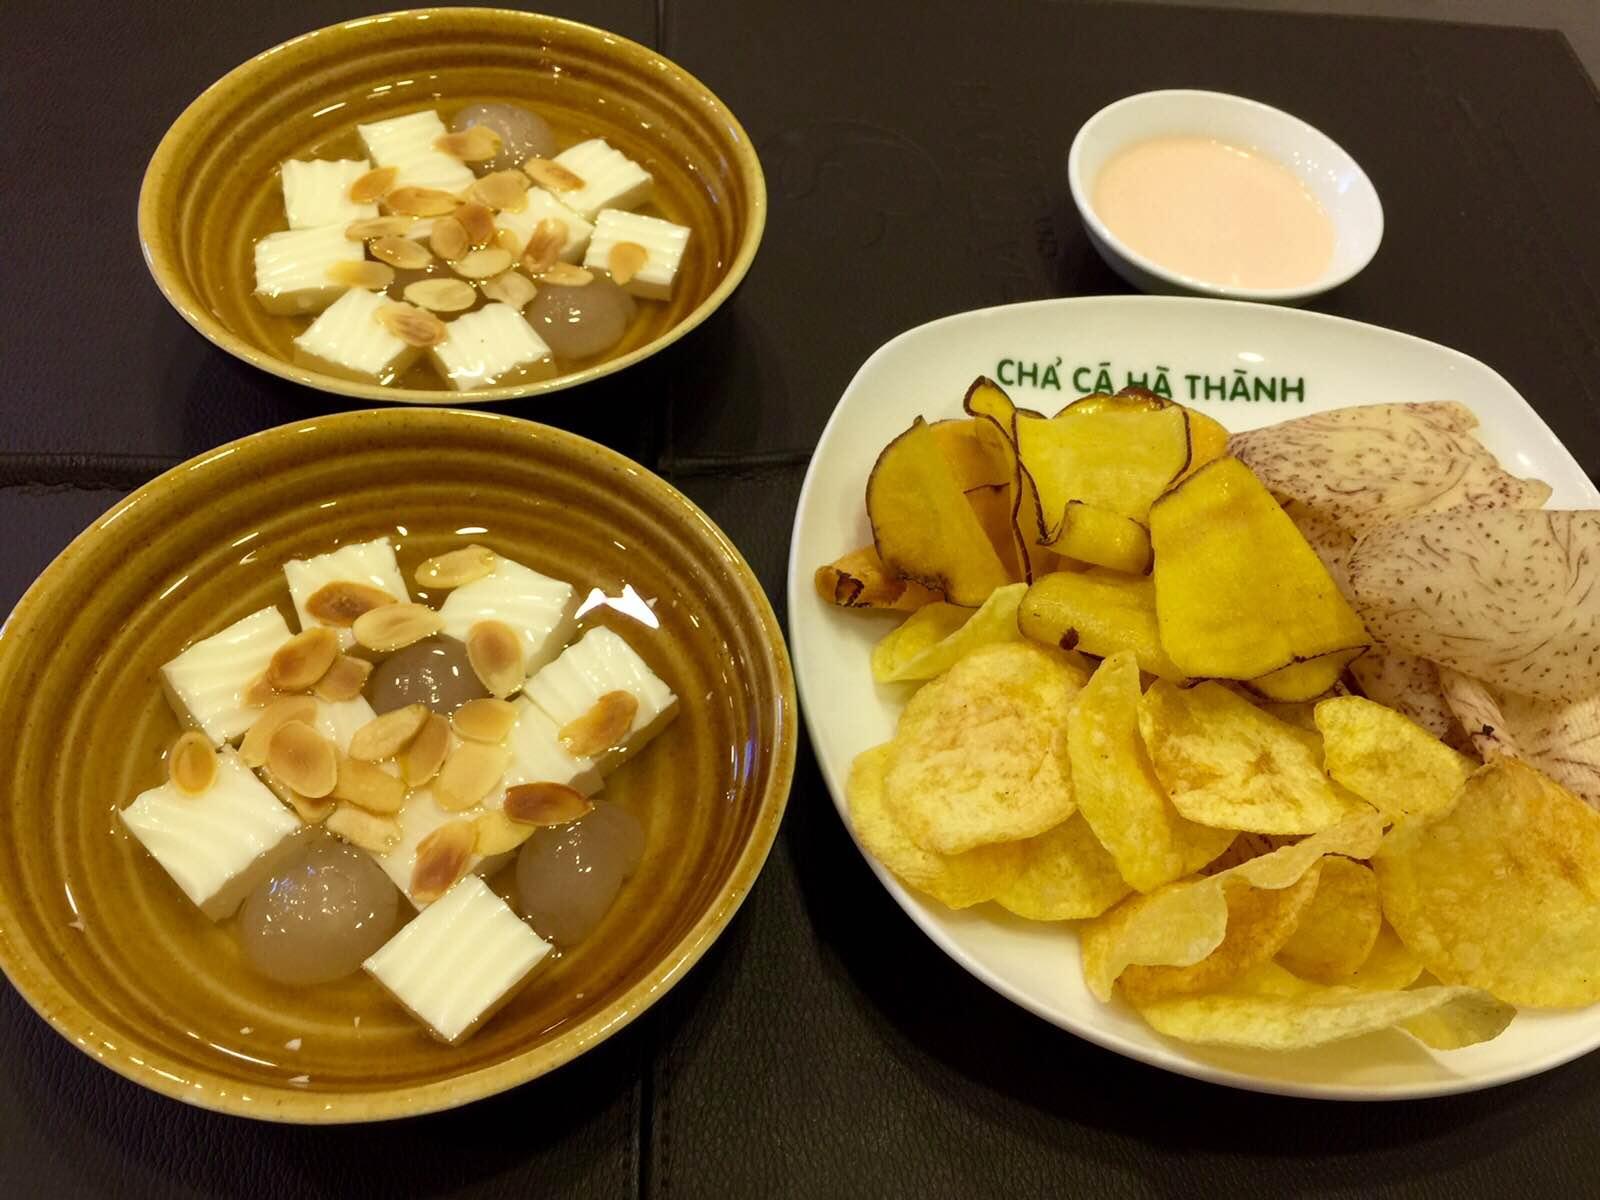 6 điều ở nhà hàng Chả cá Hà Thành khiến bạn không-đi-không-được - Ảnh 4.